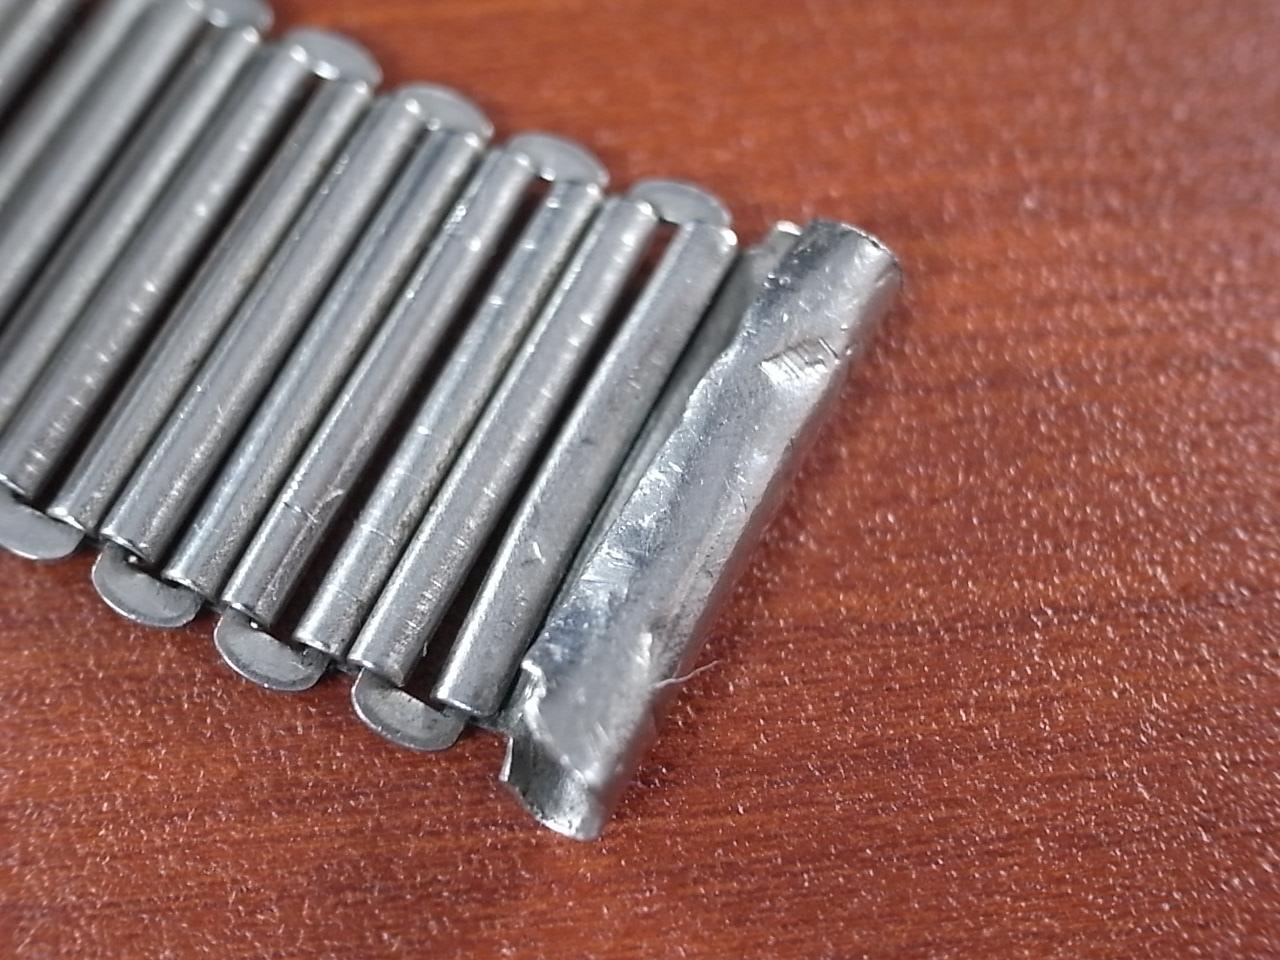 ボンクリップ バンブーブレス SS ブロック体ロゴ 16mmタイプ 16mm BONKLIPの写真6枚目